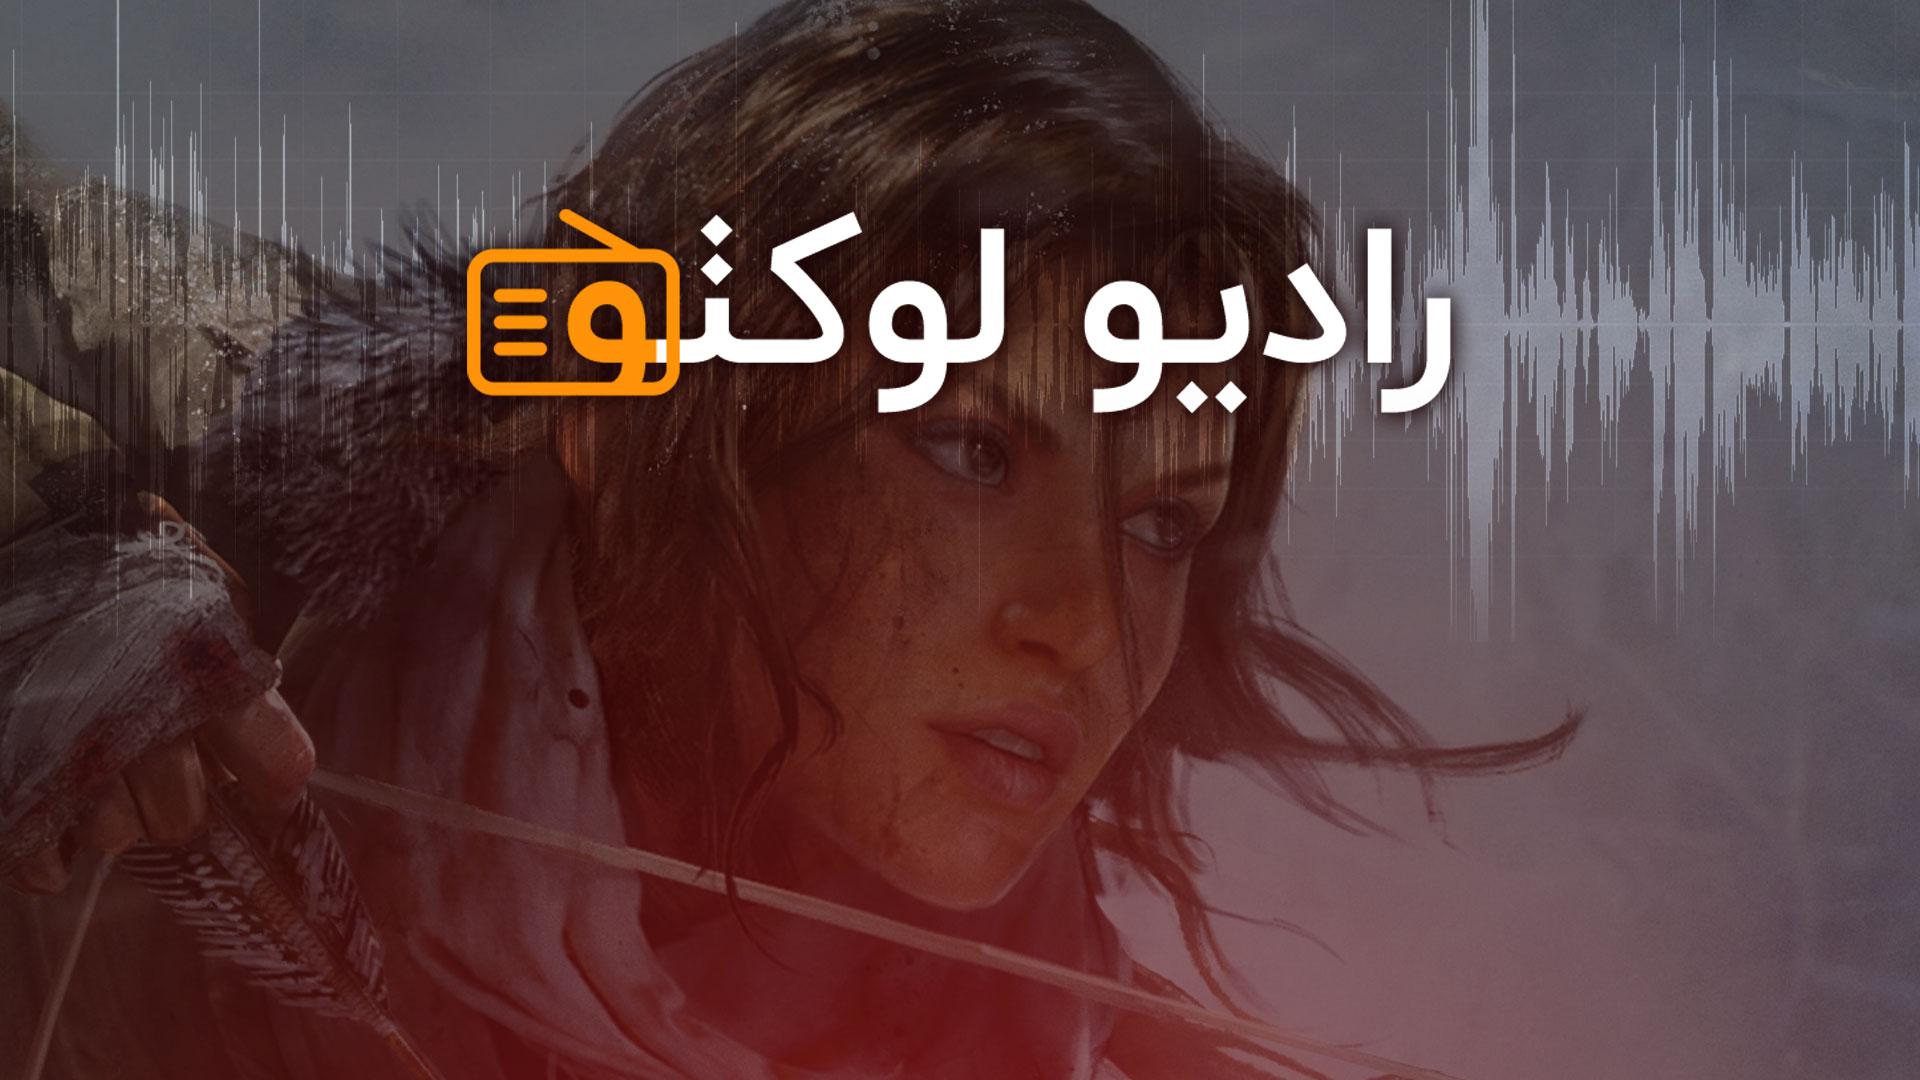 تاریخچه بازی Tomb Raider - لارا کرافت چگونه تبدیل به یک نماد شد؟